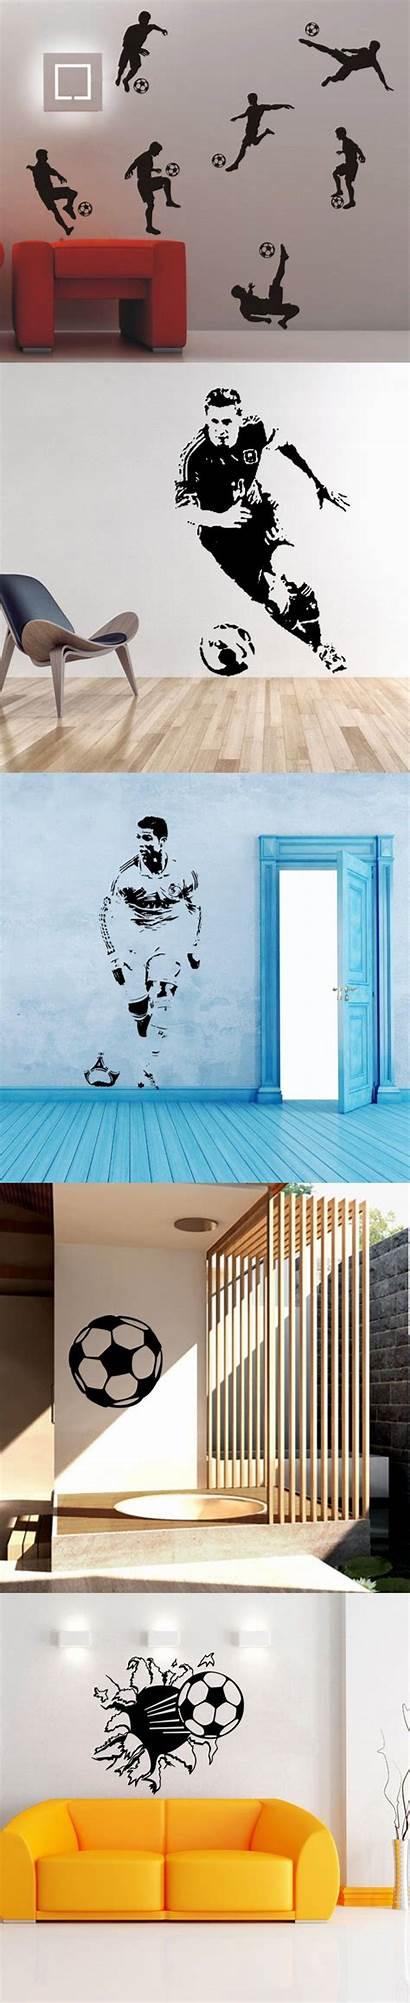 Soccer Salvat Pe Mural Football Decor Wall